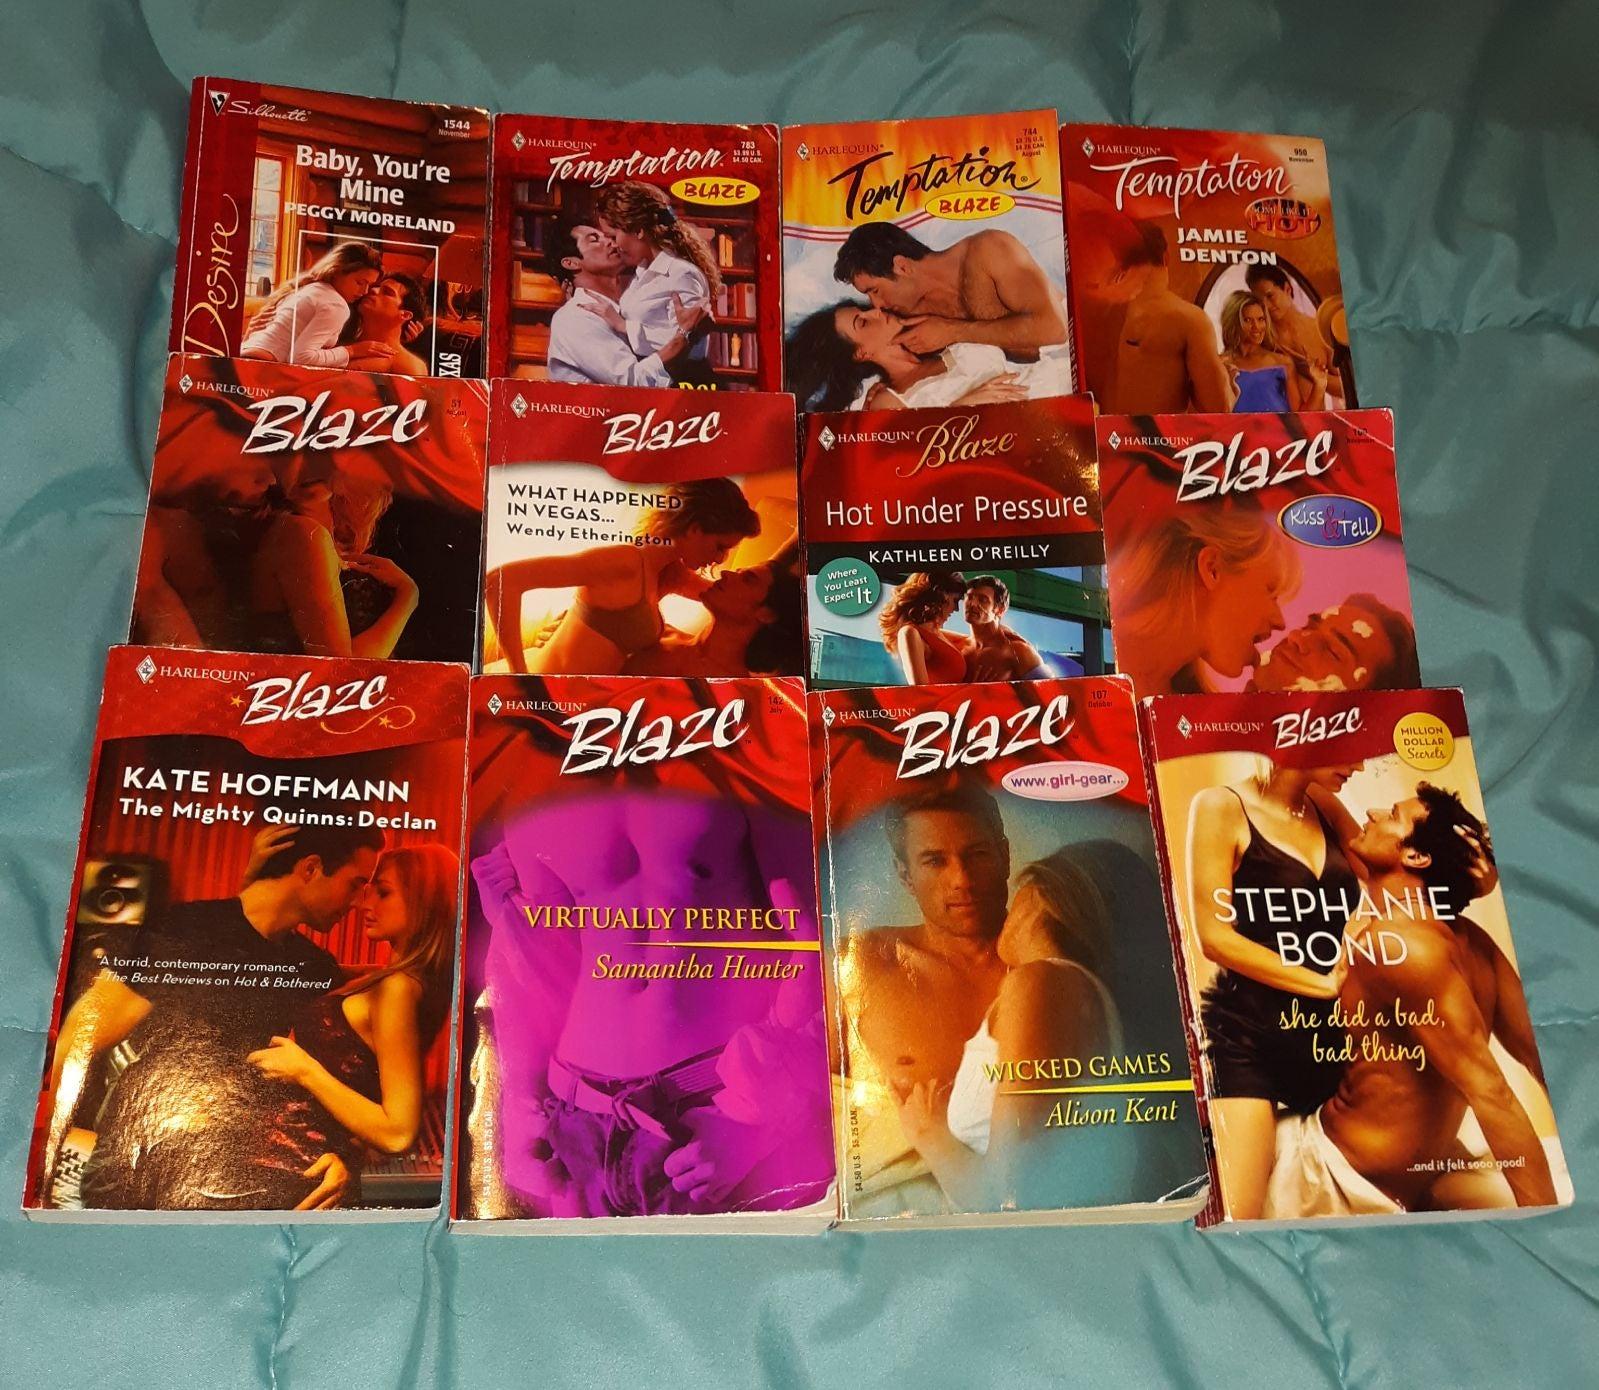 (12) Harlequin Blaze romance books